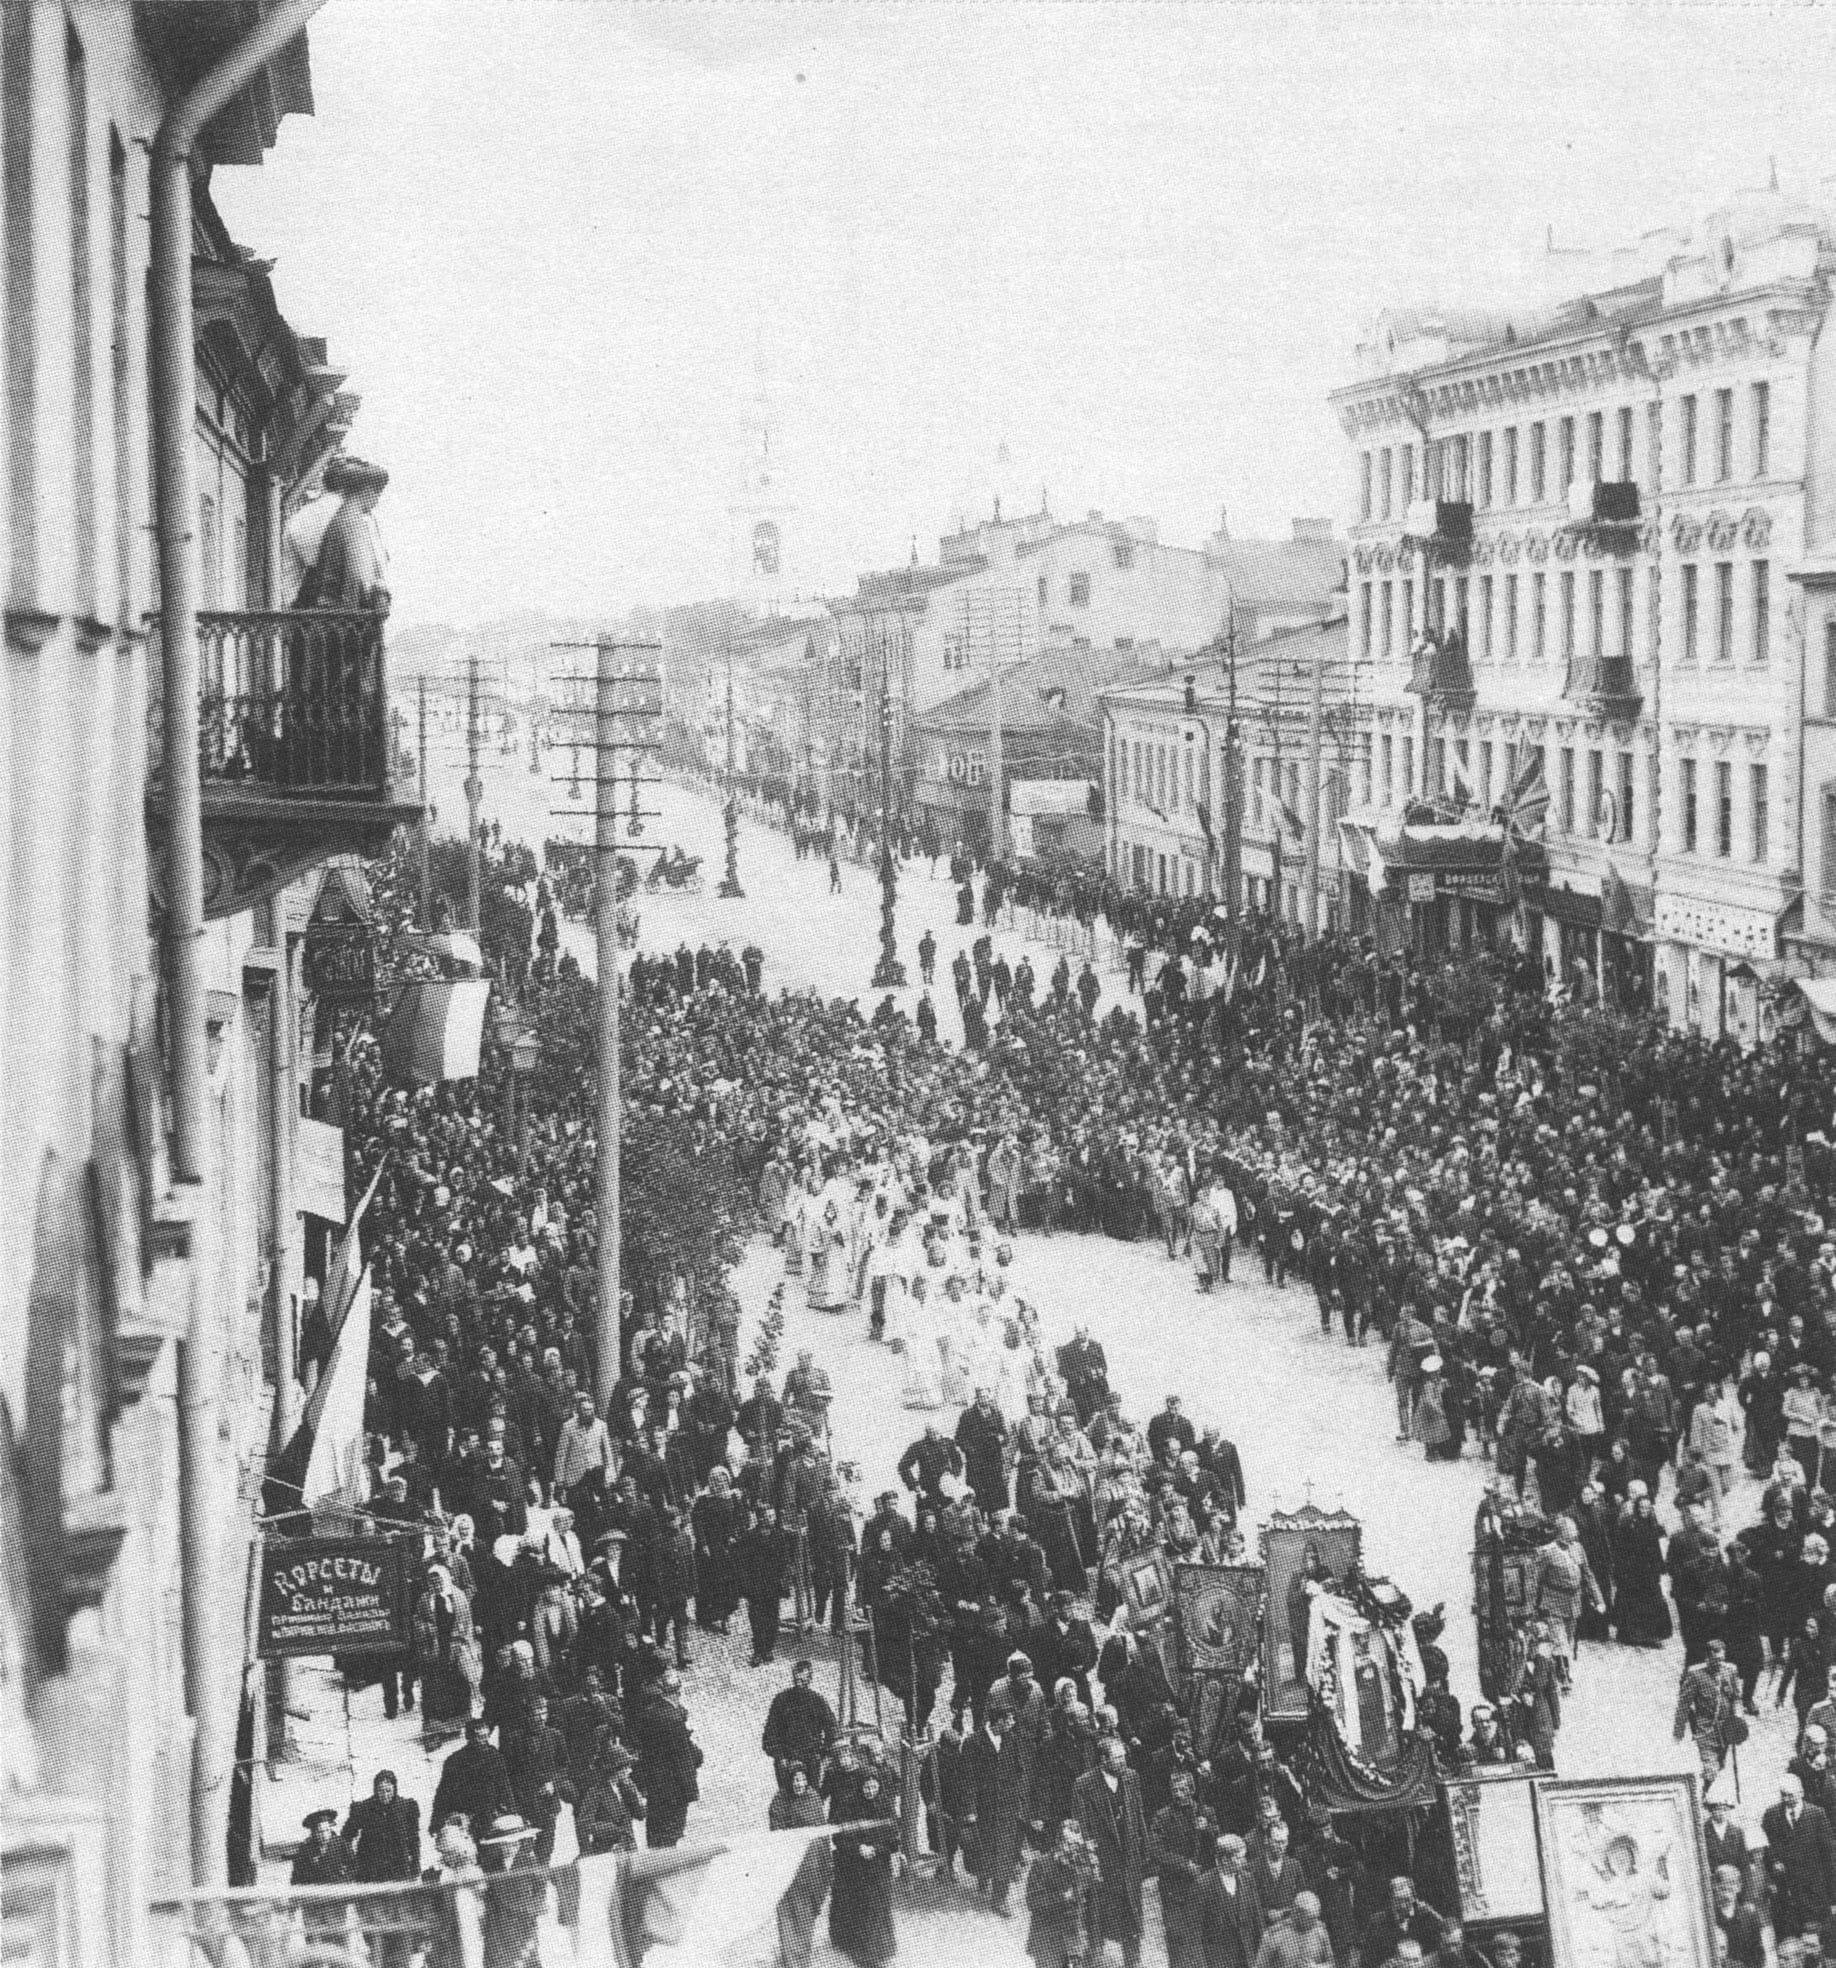 Крестный ход в дни празднования 200-летия Кронштадта 1906 г